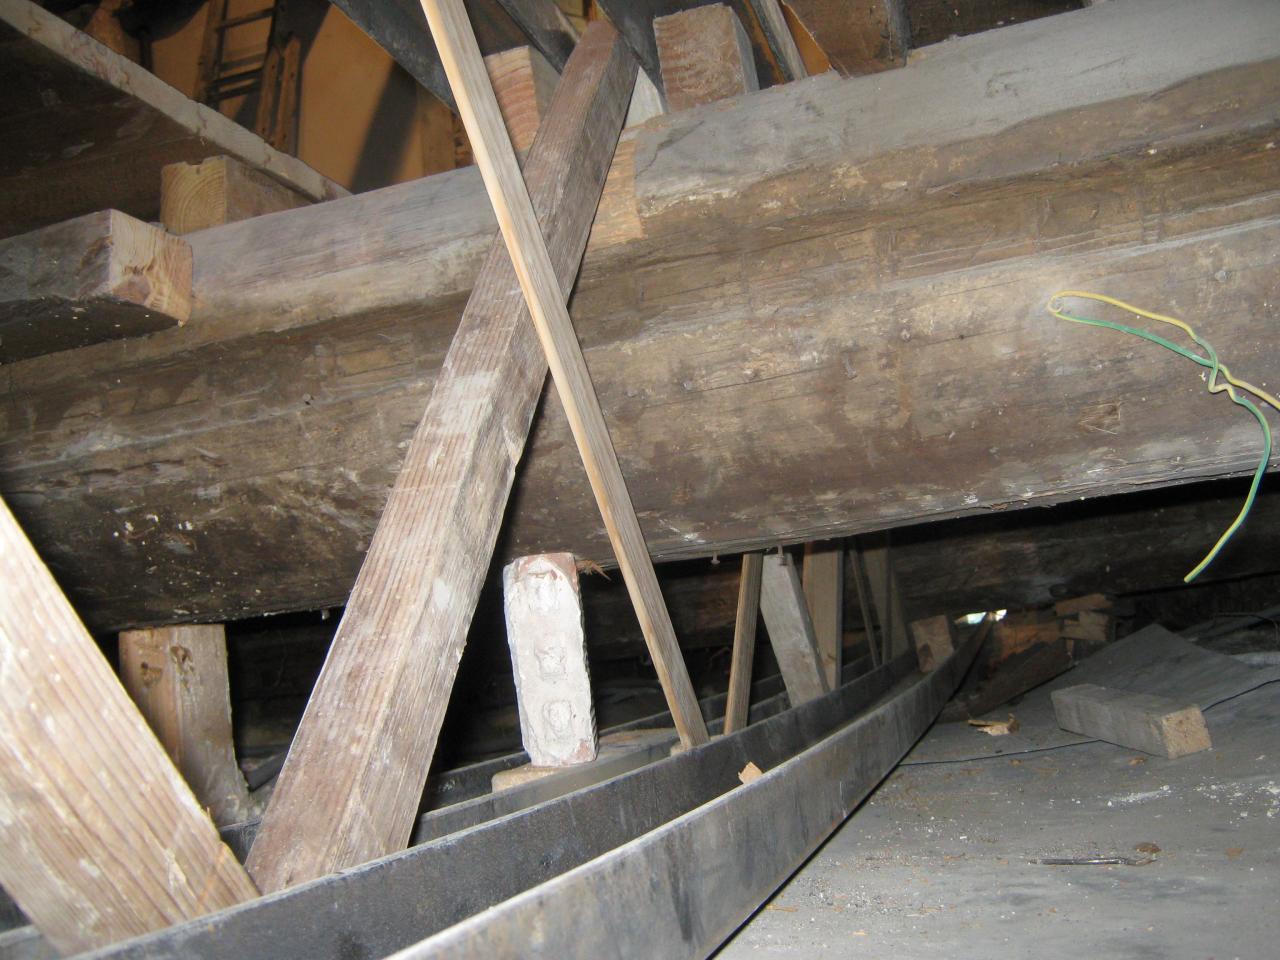 X12222 Gabarits étrésillons de charpente métalique